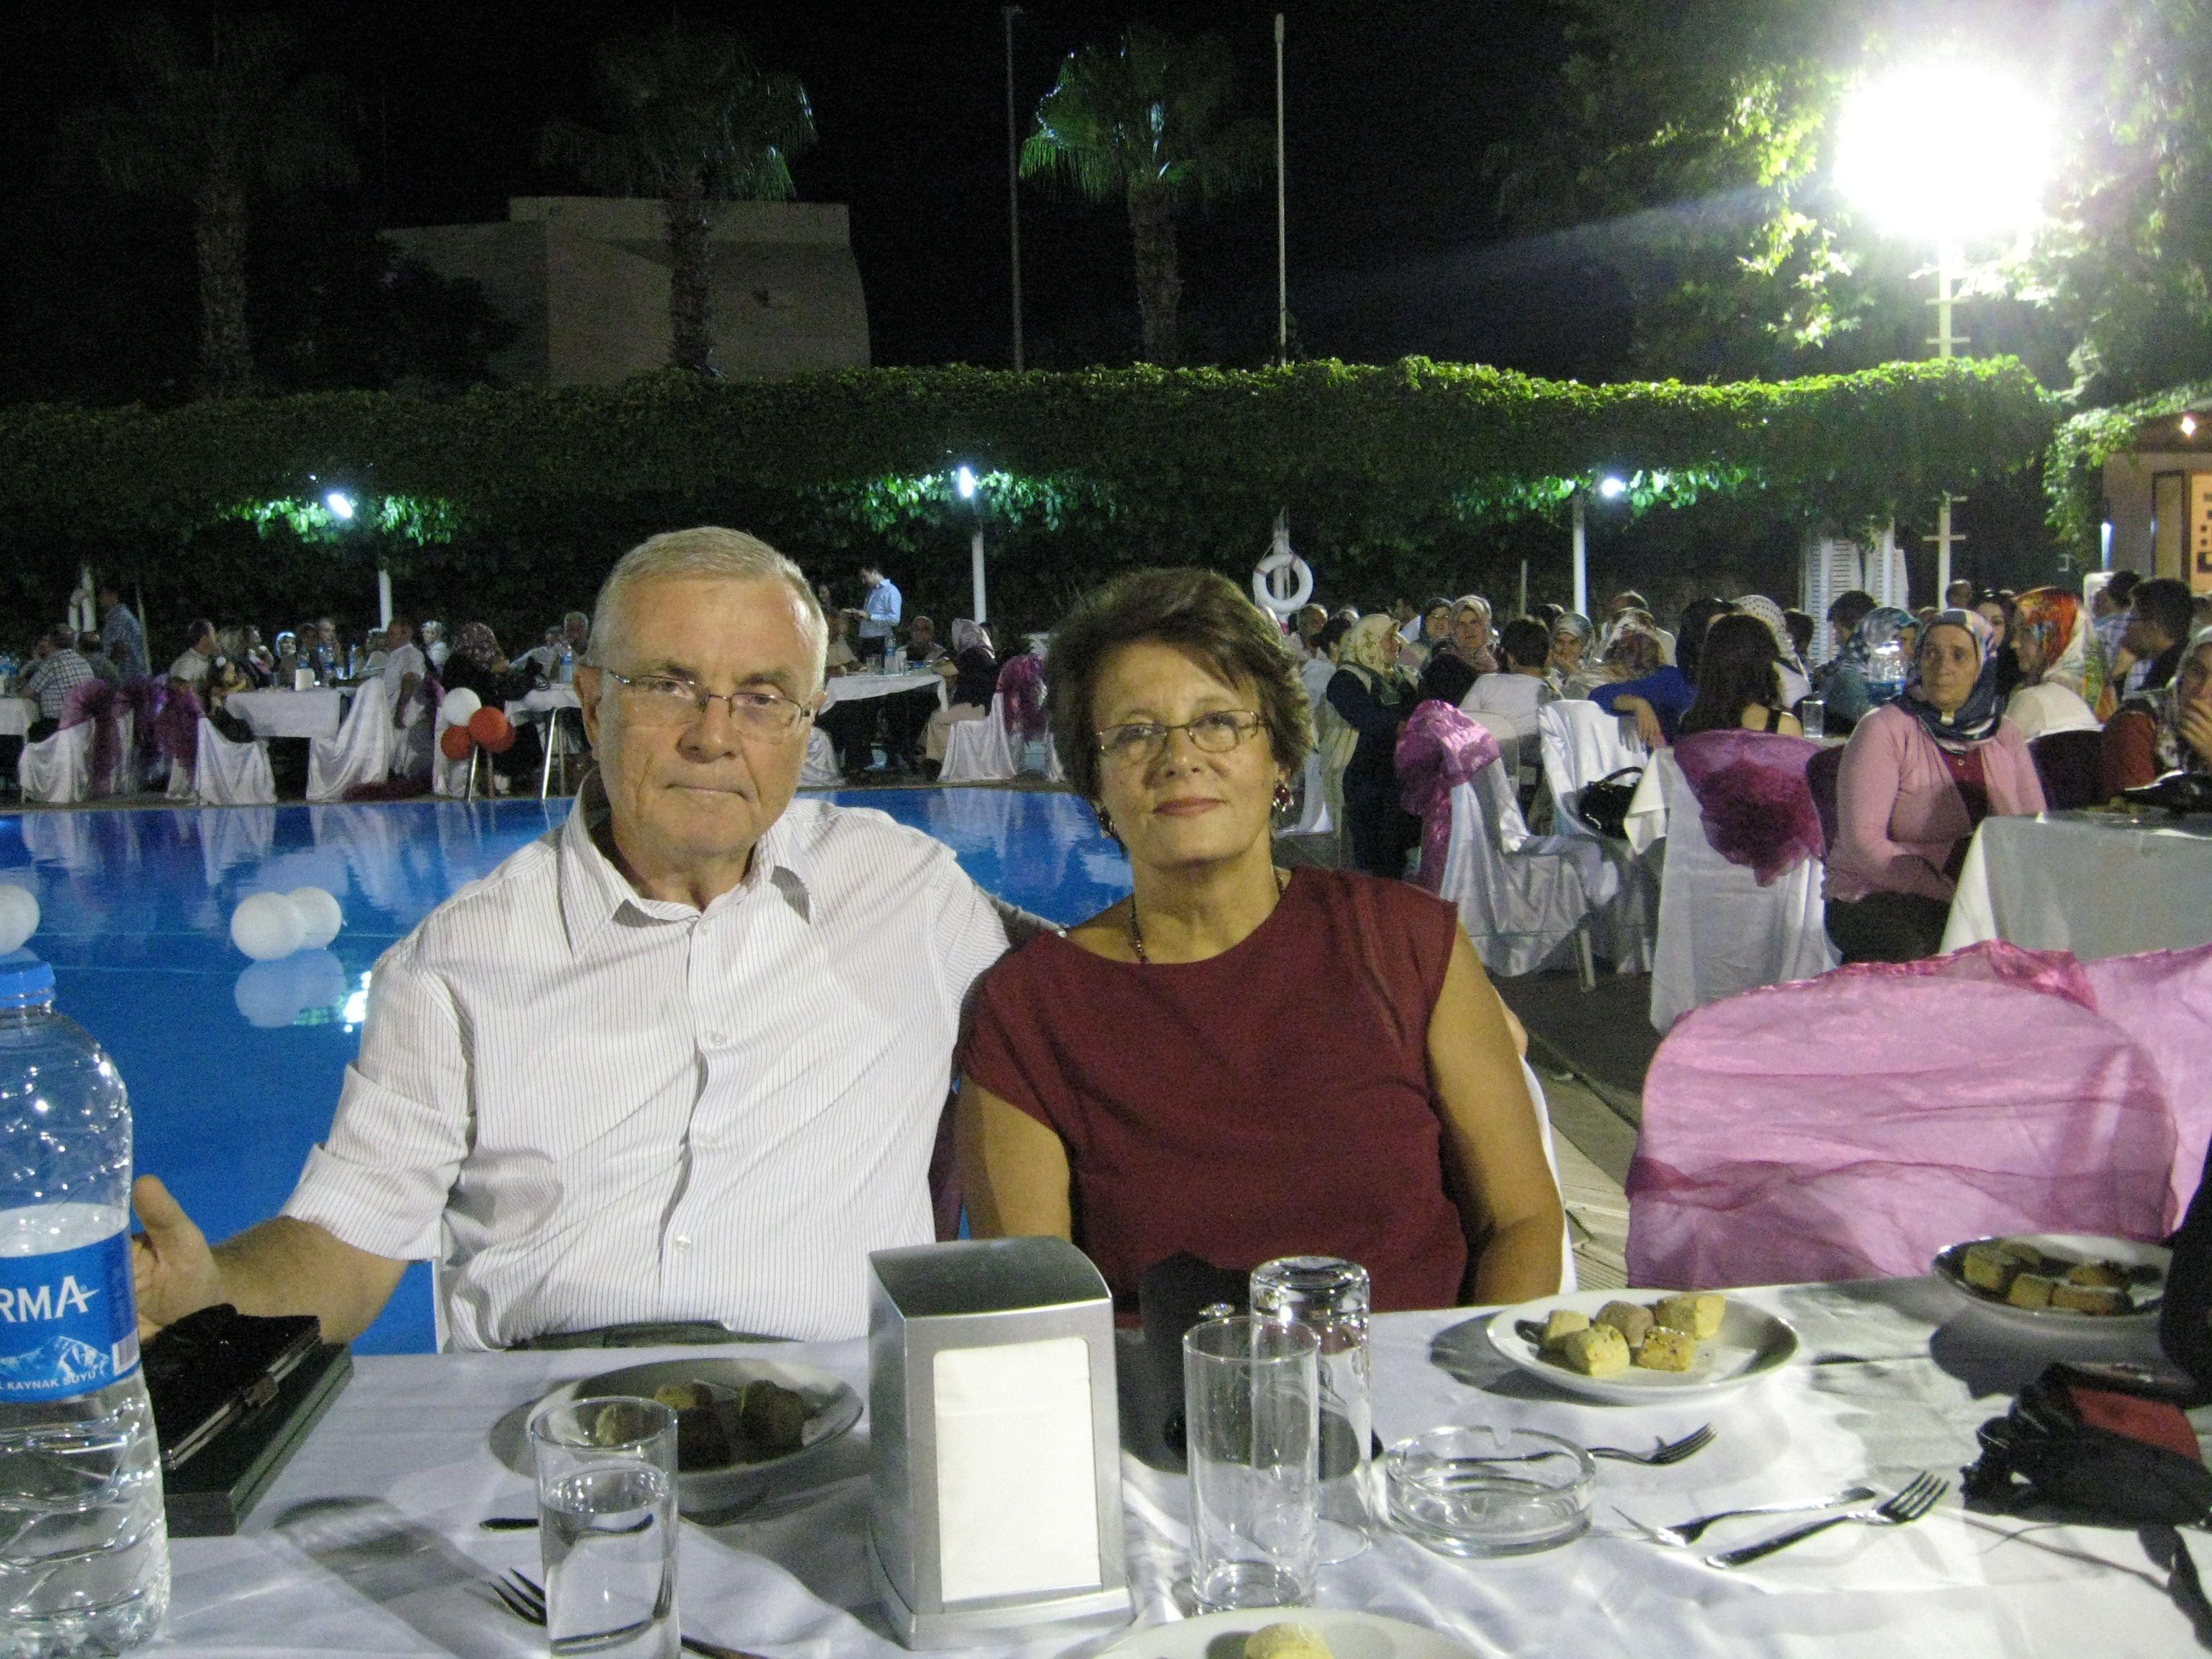 ANTALYA GÜNLERİ / DÜĞÜN GECESİ